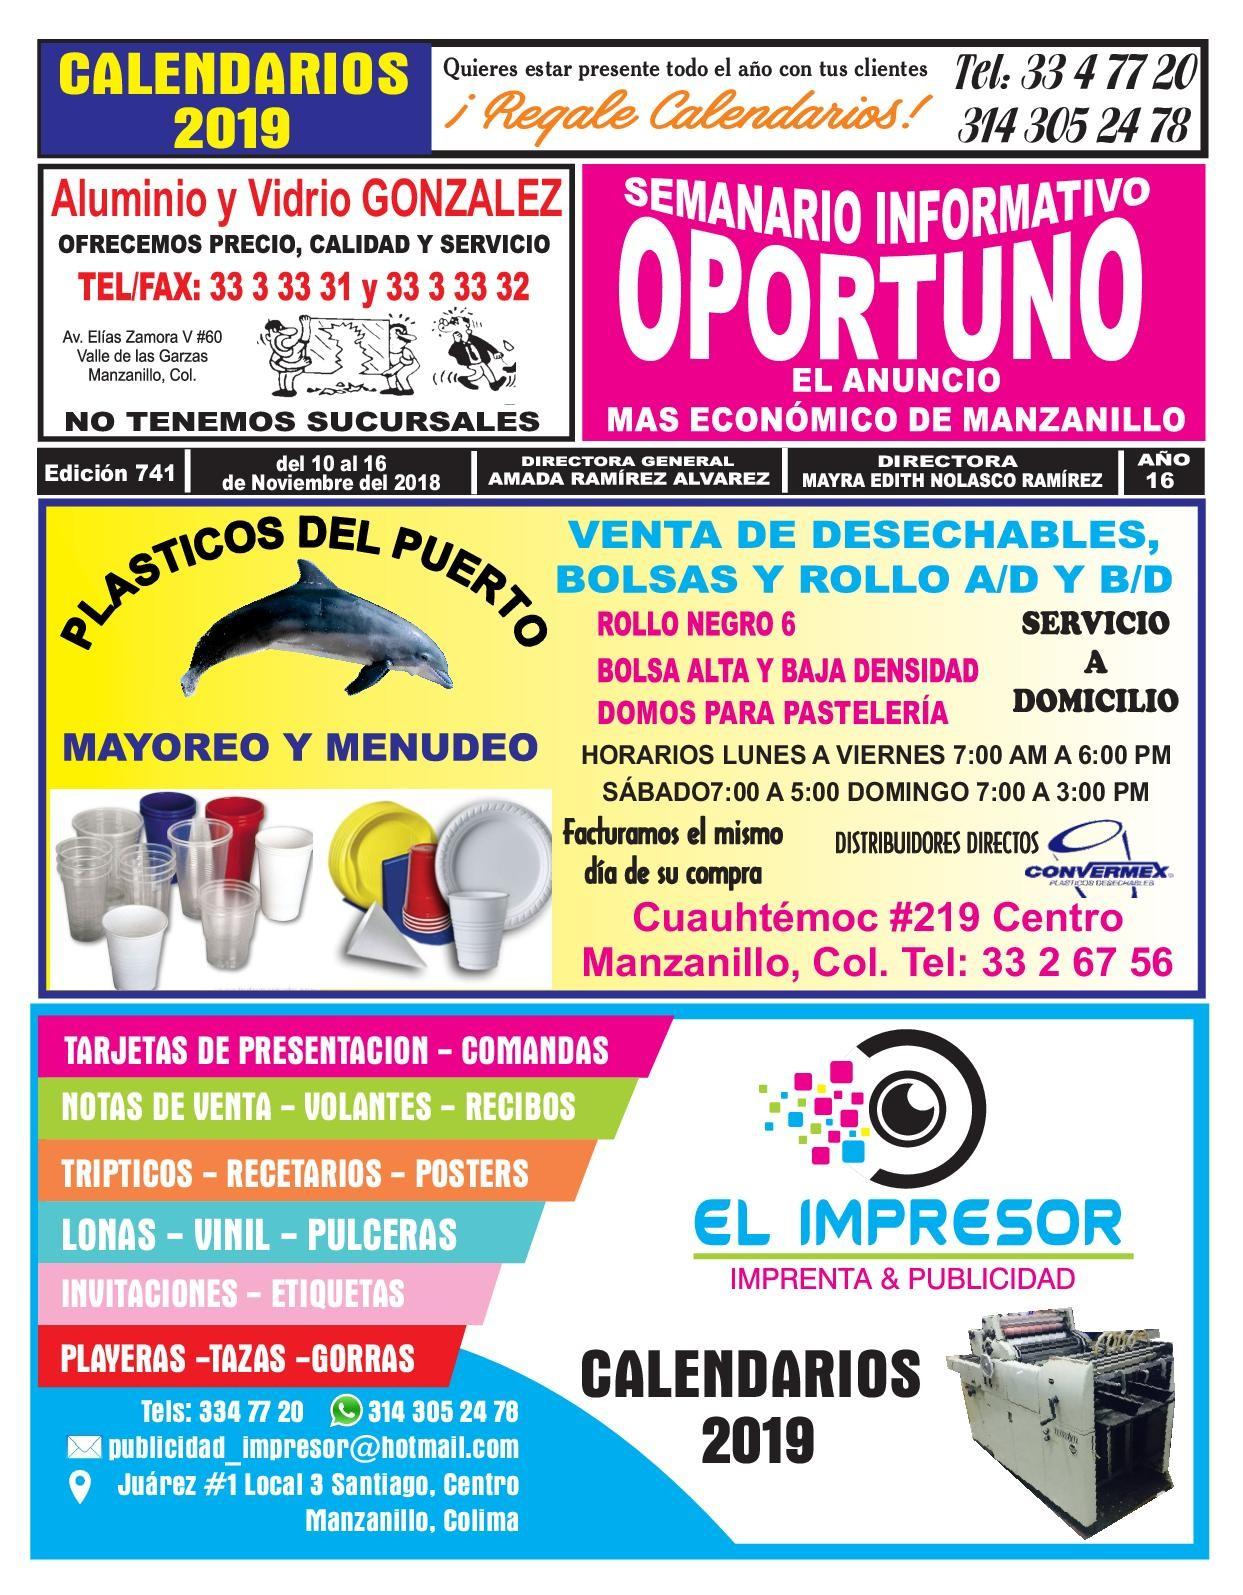 Calendario 2019 Con Los Dias Festivos Recientes Calaméo Edici³n 741